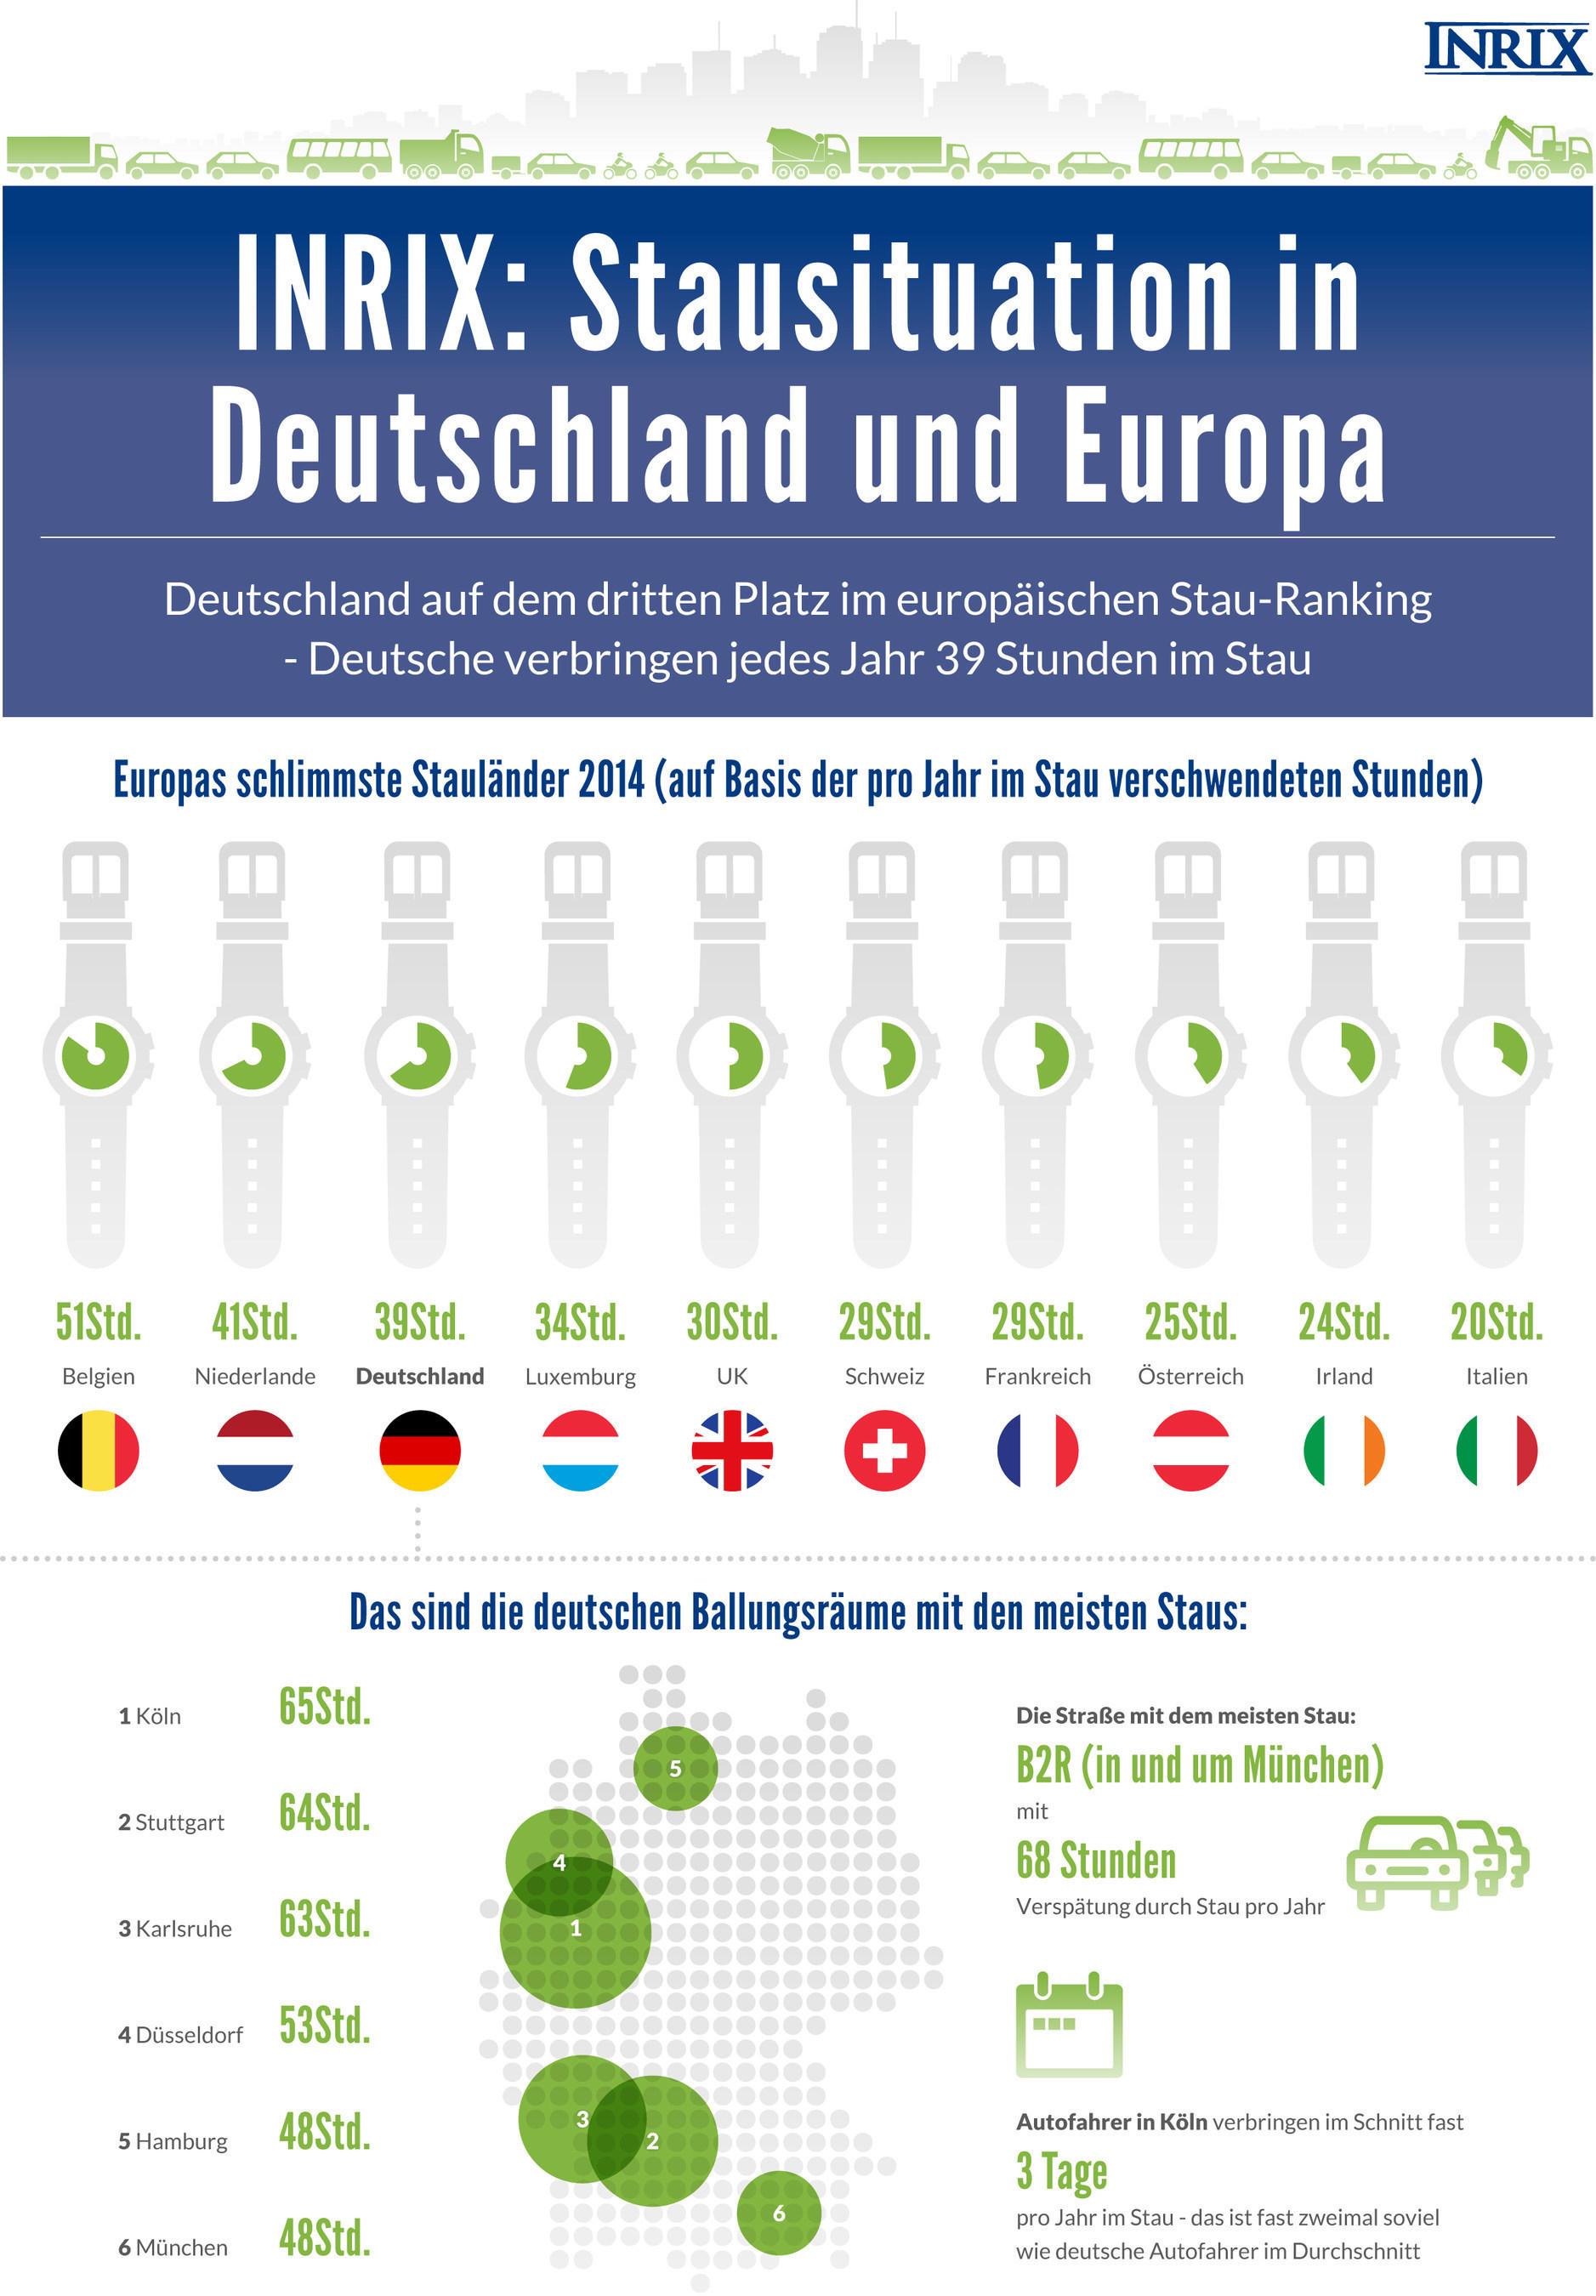 Wirtschaftswachstum führt zu mehr Staus in drei Viertel der deutschen Städte